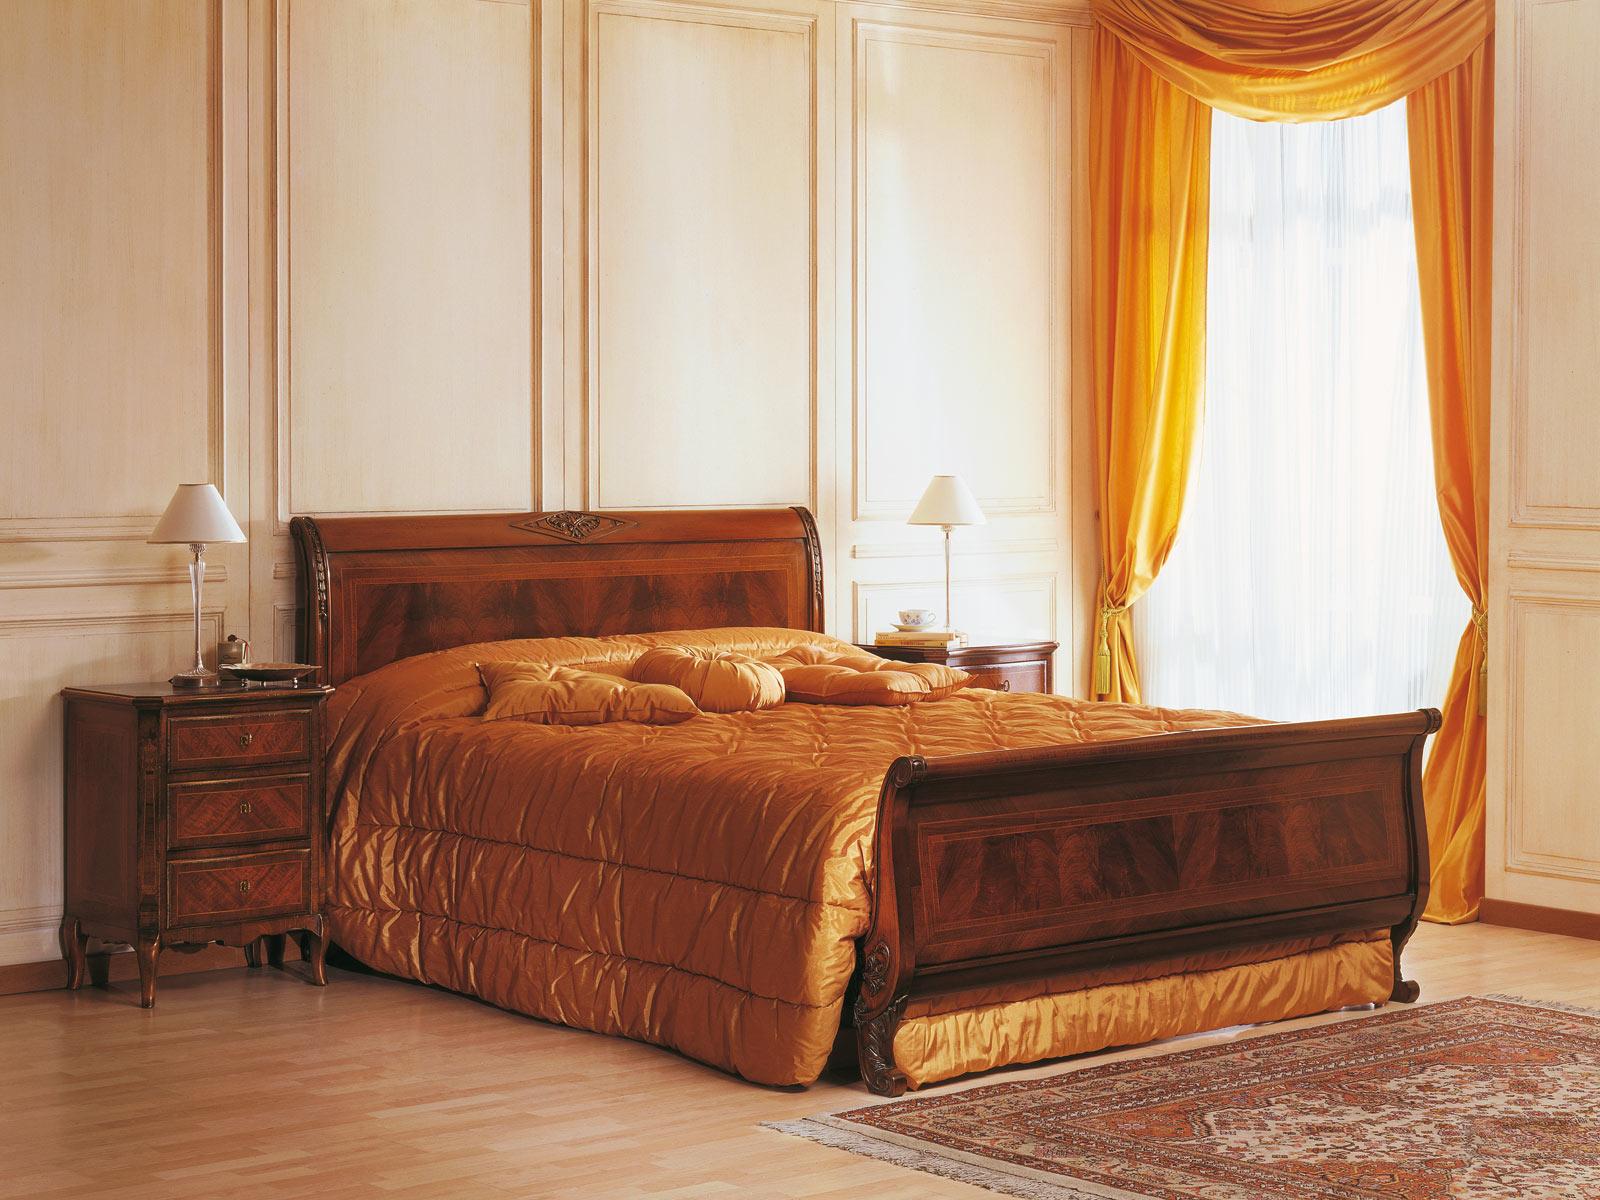 Chambre coucher xixe si cle fran ais lit en noyer et - Chambre a coucher francaise ...